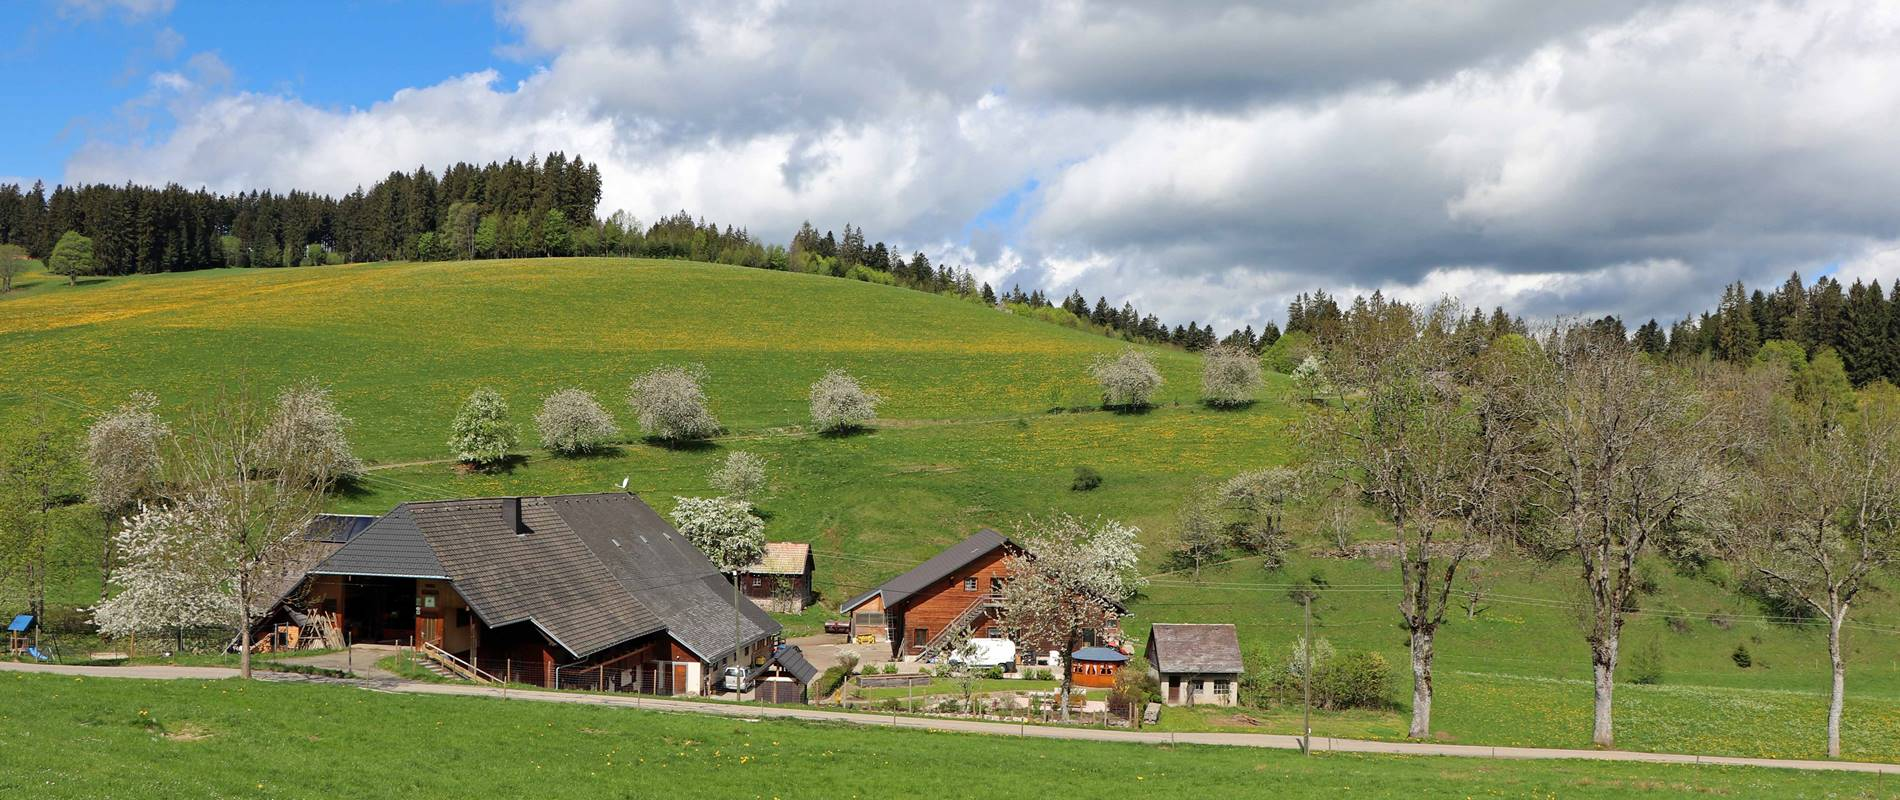 Lippenhof Biohof im Hochschwarzwald